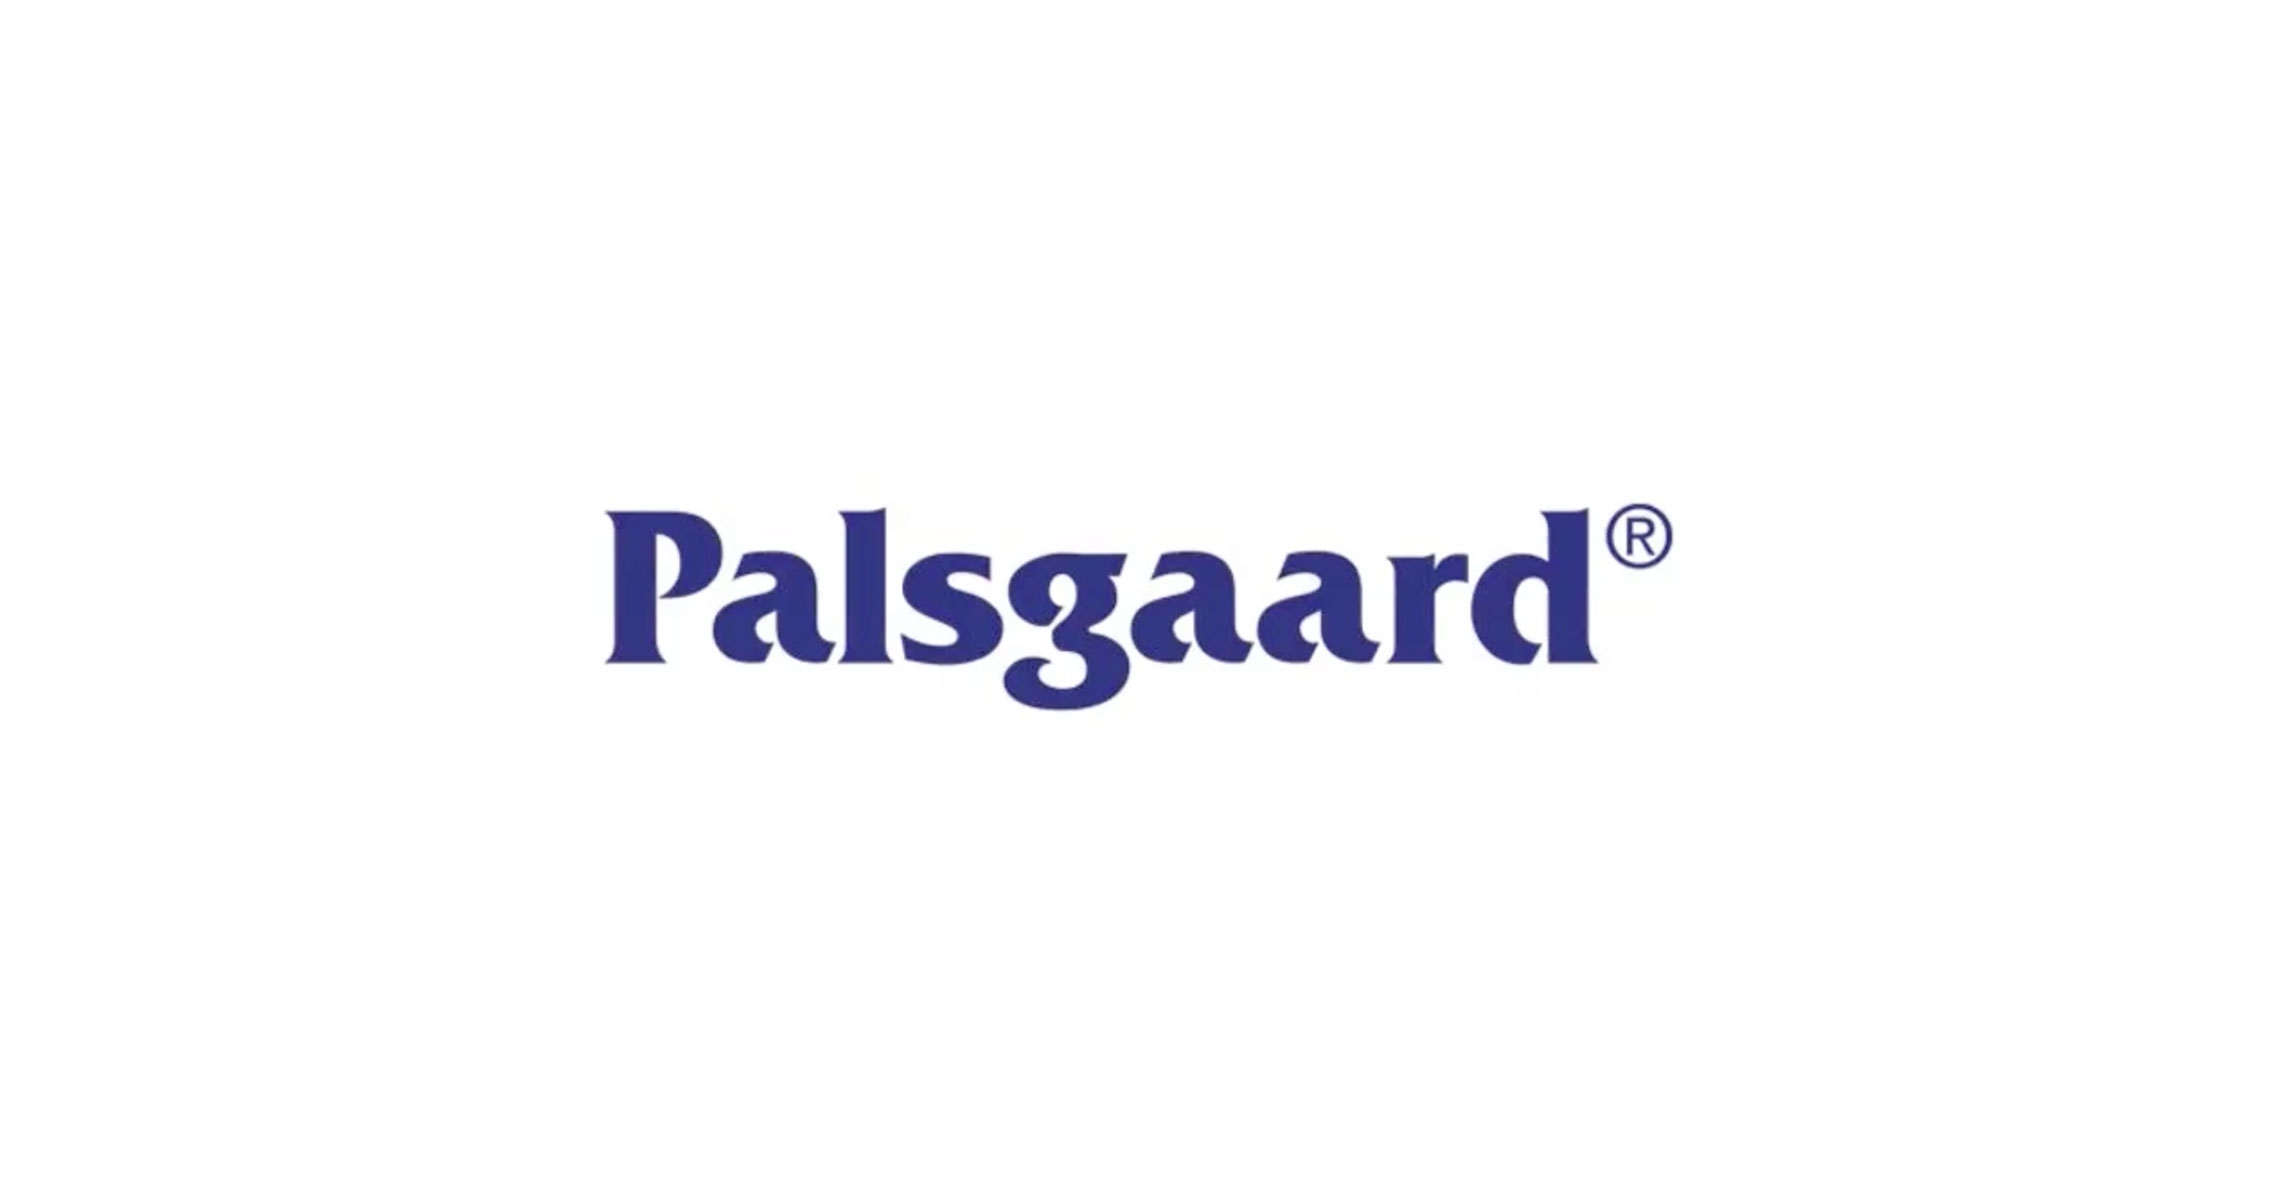 Palsgaard - #QUEDATEENCASA